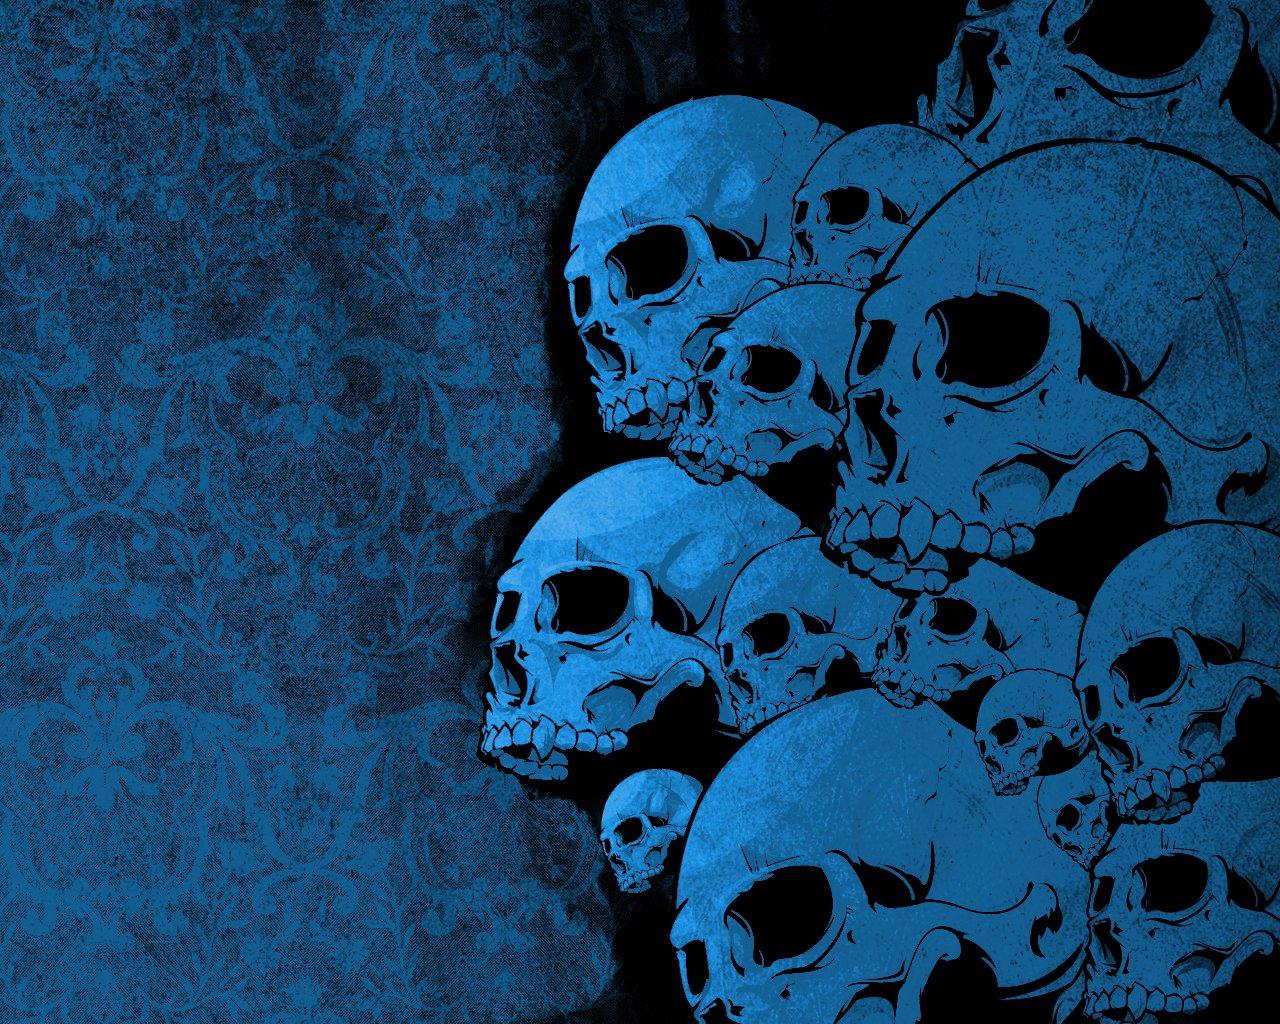 http://2.bp.blogspot.com/-mVN4DAmR7dc/Thydm9sEUgI/AAAAAAAAIC0/ZMI28hmX1gk/s1600/skull+wallpapers+for+desktop-1.jpeg